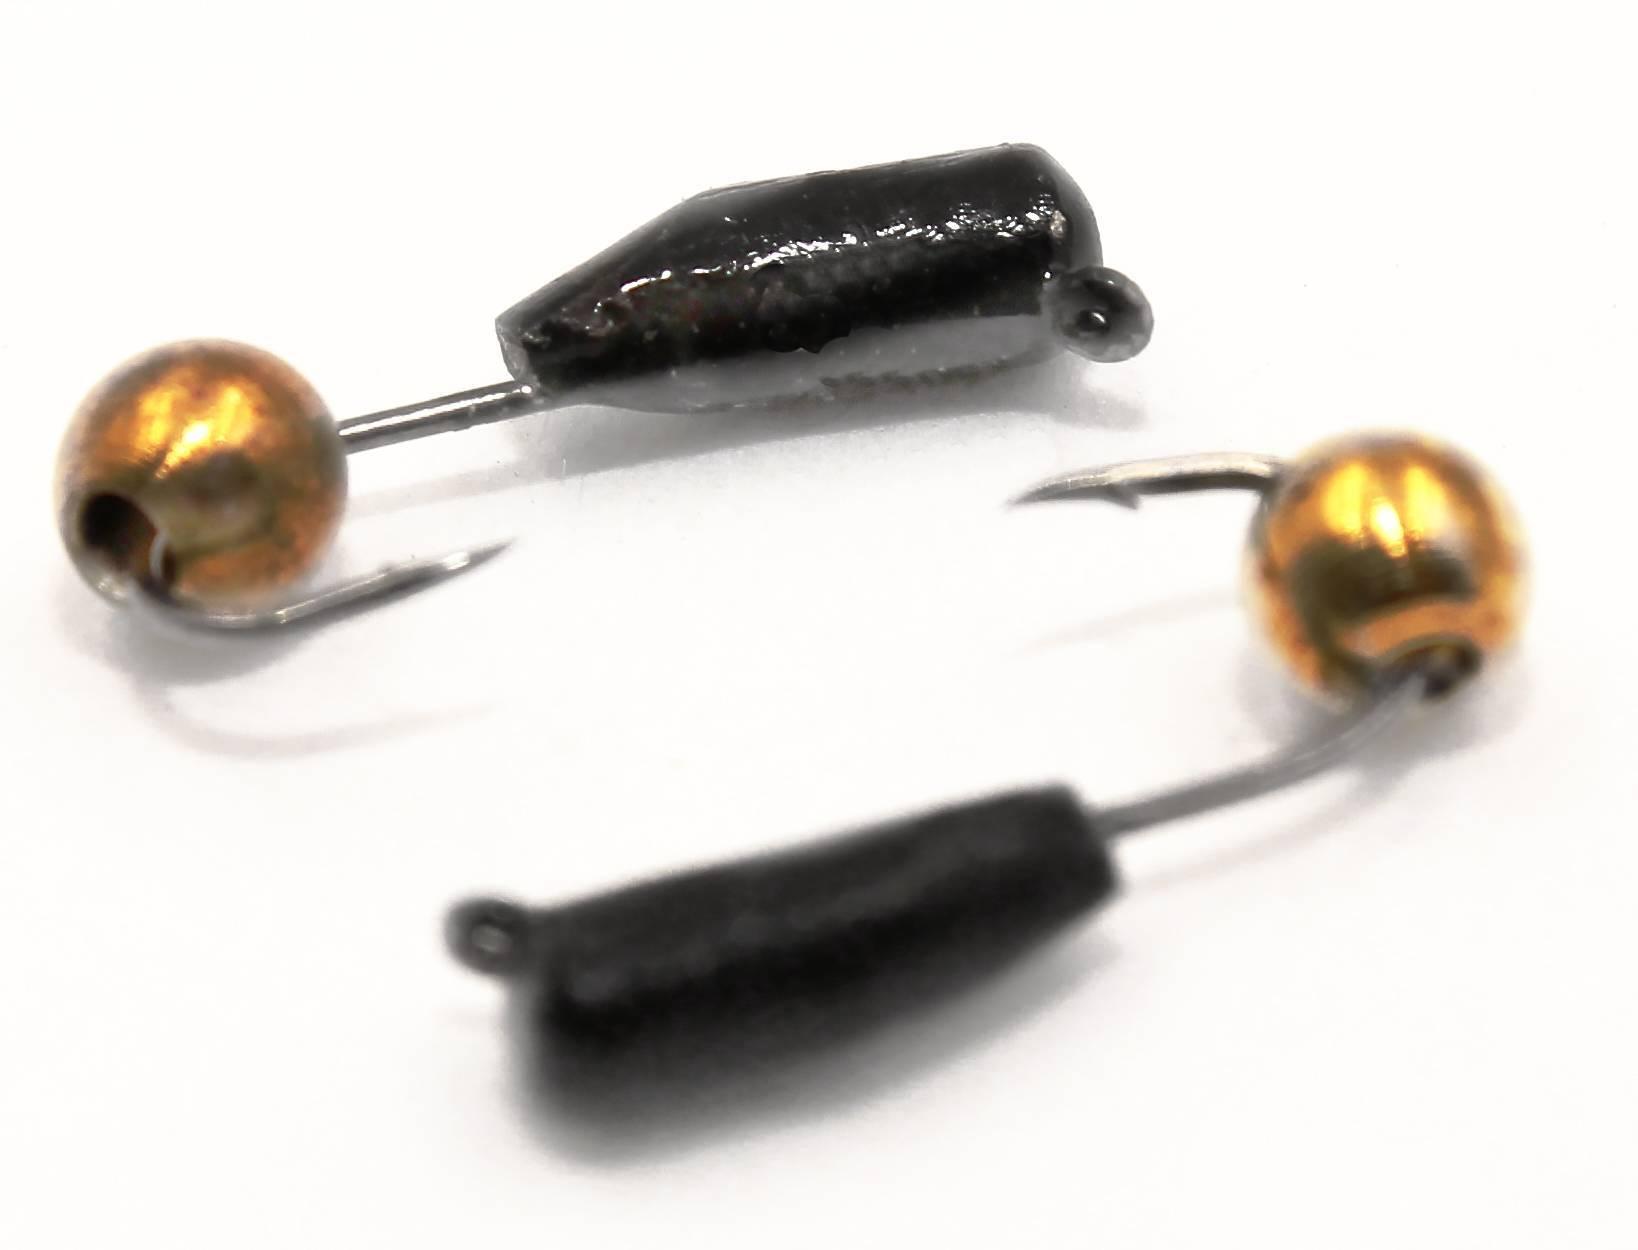 Приманка из редкого металла – самодельные мормышки из вольфрама